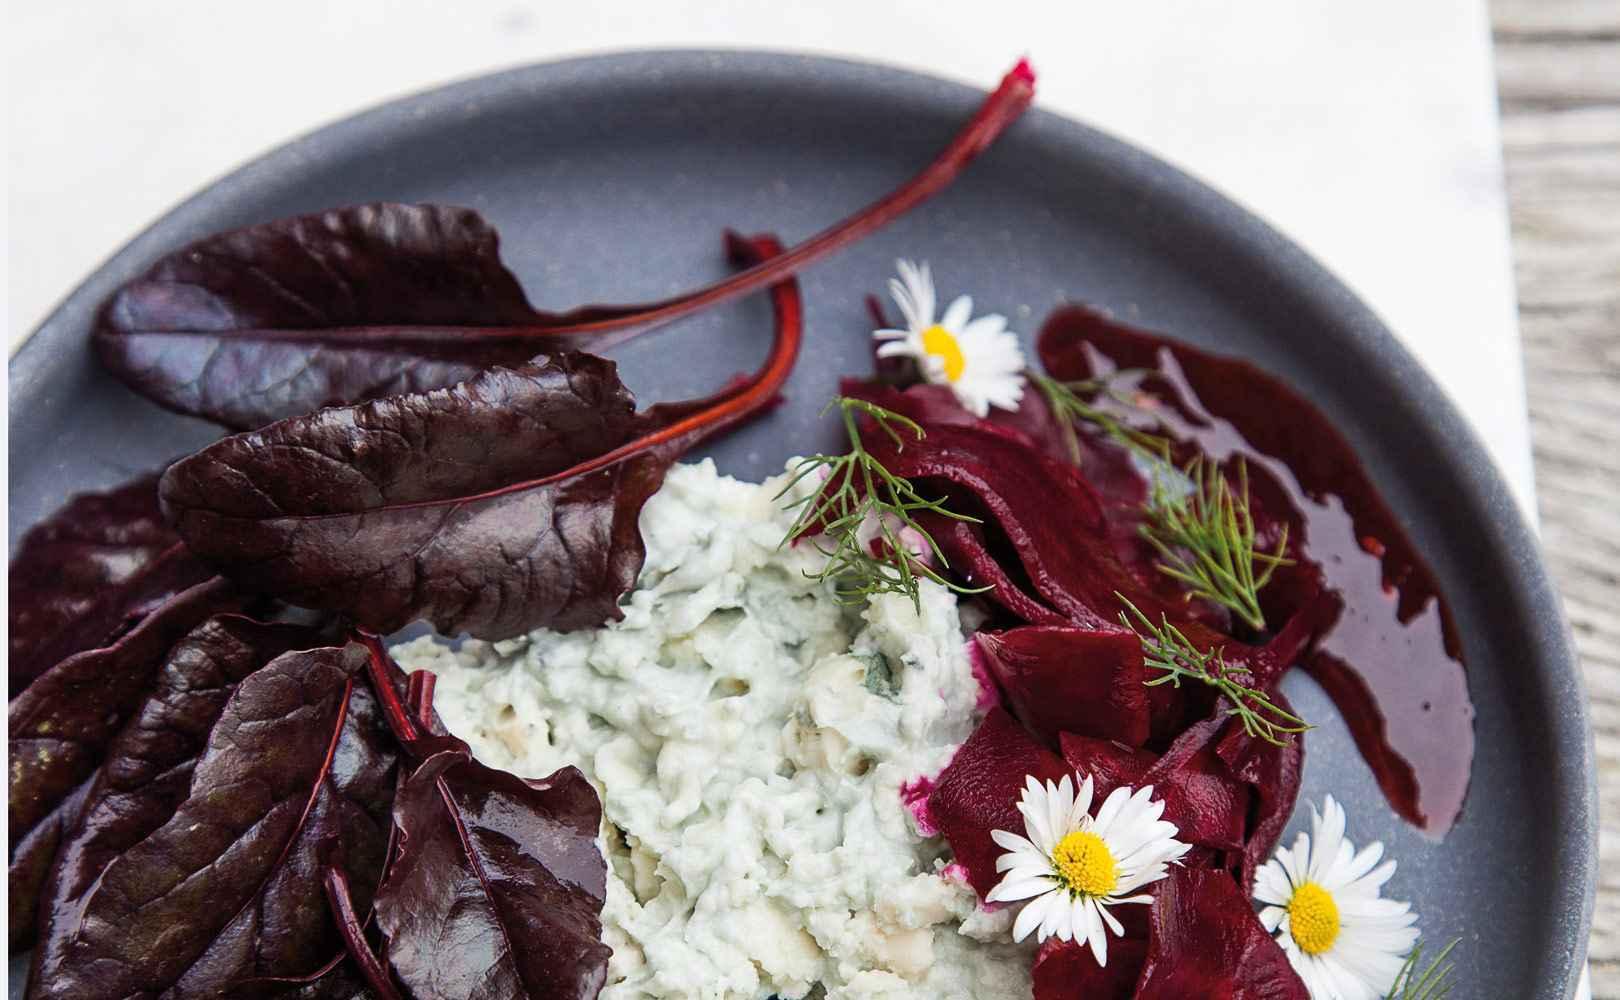 Roquefort-Dip mit fermentierter roter Bete, Beteblättern und Himbeercoulis